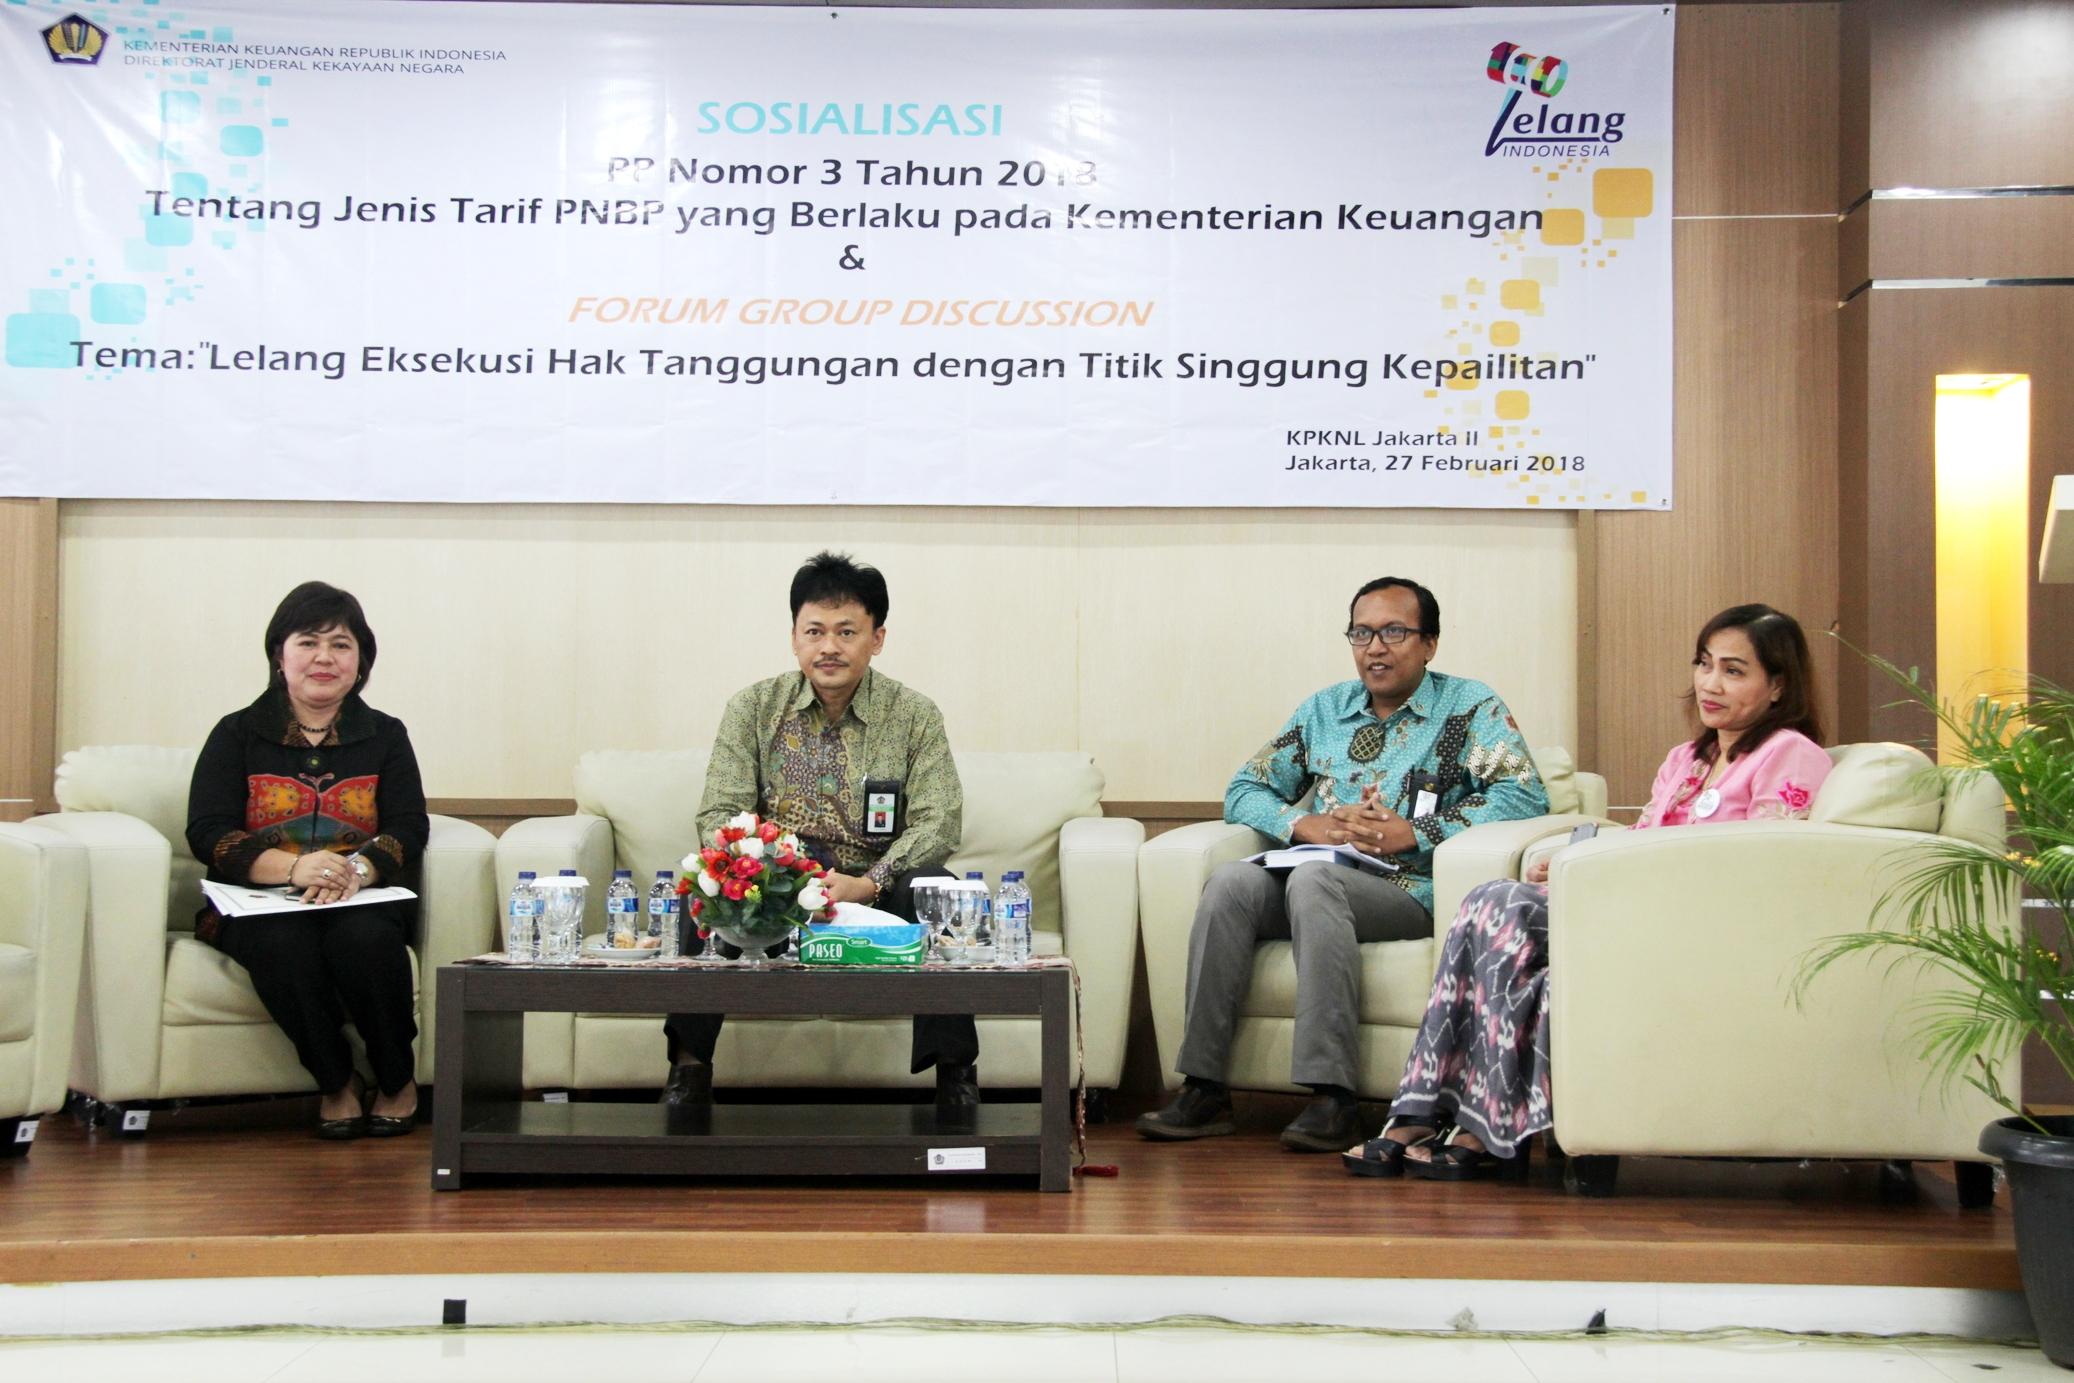 Peringati 110 Tahun Lelang, Kanwil dan KPKNL Jakarta II Adakan Sosialisasi dan FGD